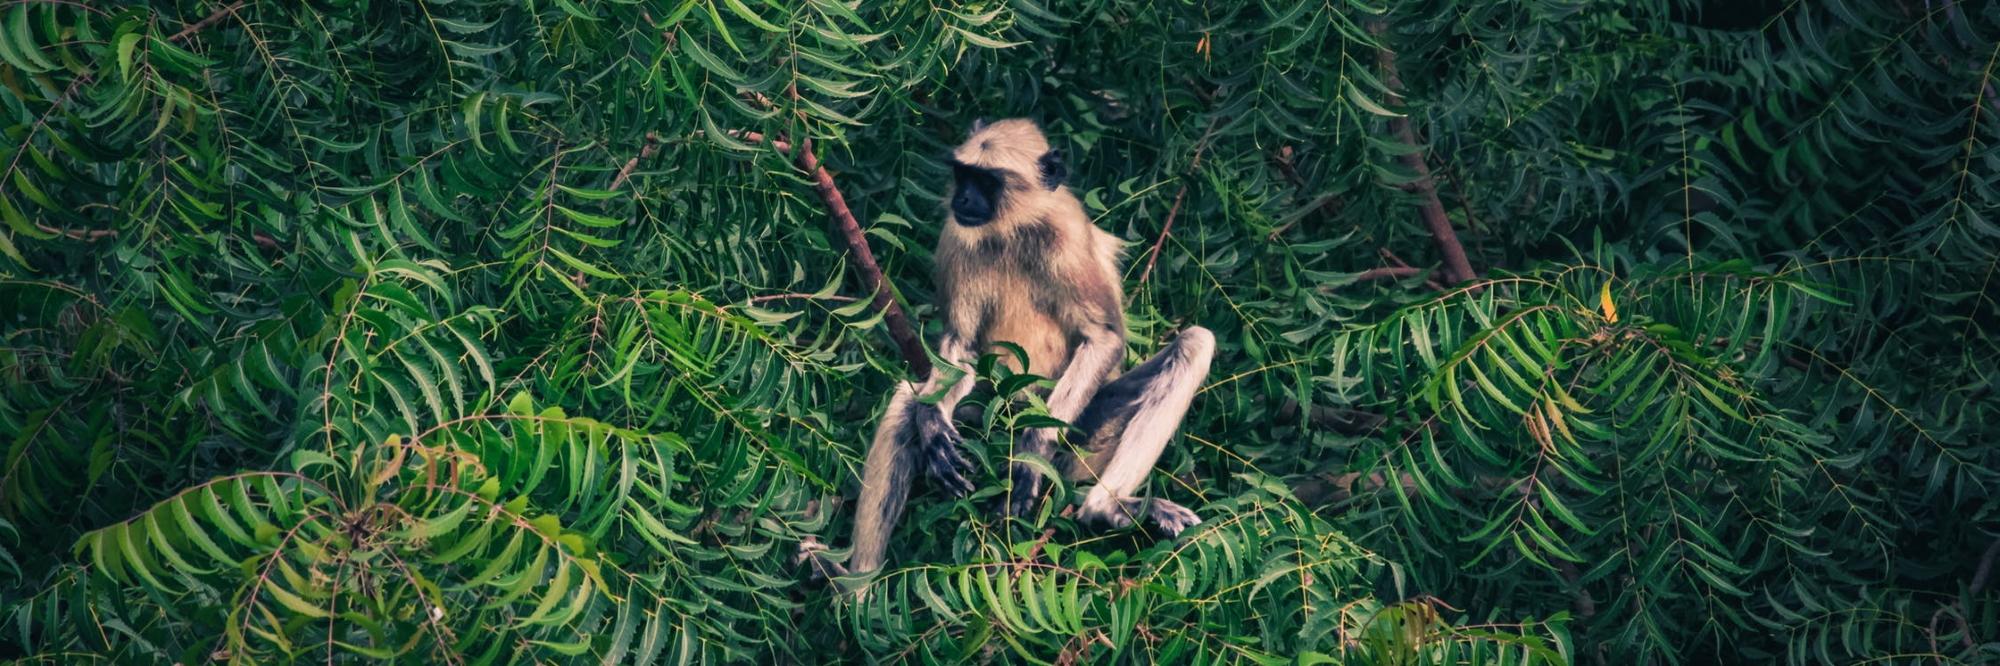 Das Artensterben – Eine unterschätzte Gefahr für die Menschheit?